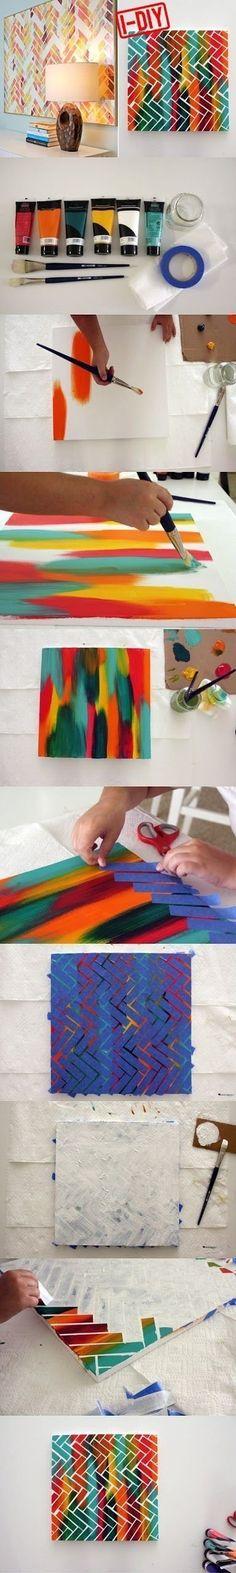 14+Unieke+zelfmaak+ideetjes+om+zelf+kunst+te+maken+voor+in+huis..+#9+is+spectaculair!